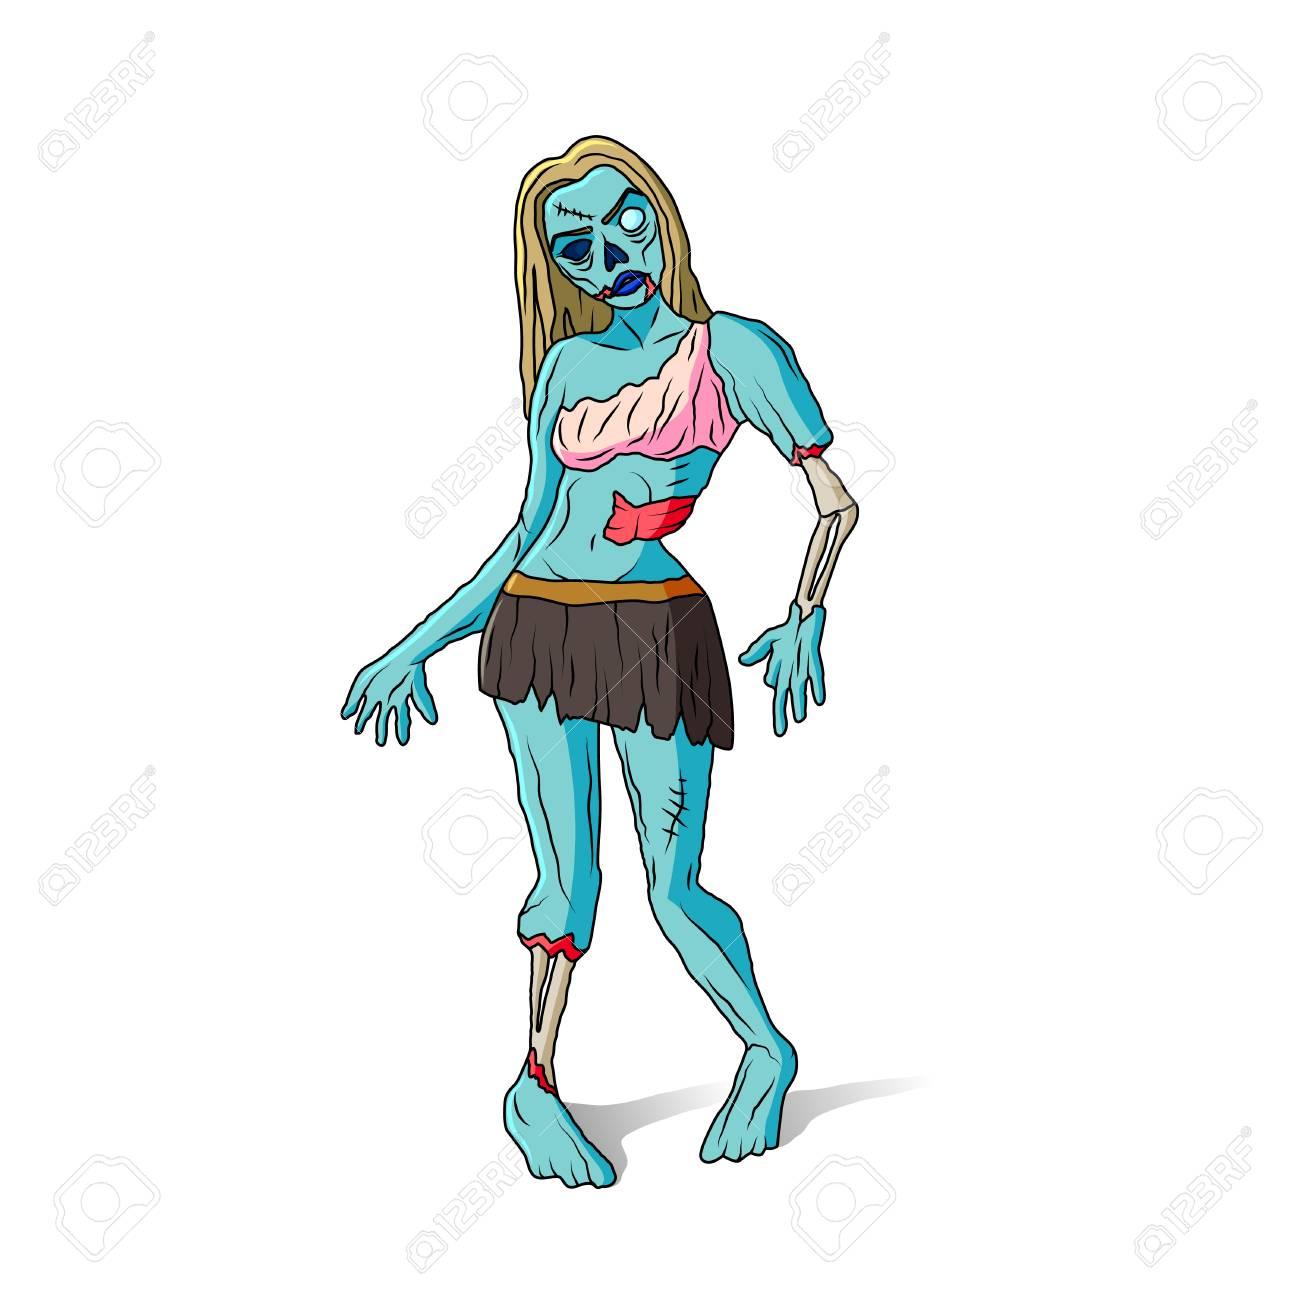 Vecteur Isolé De Zombie Fille Dessin Animé Coloré Illustration